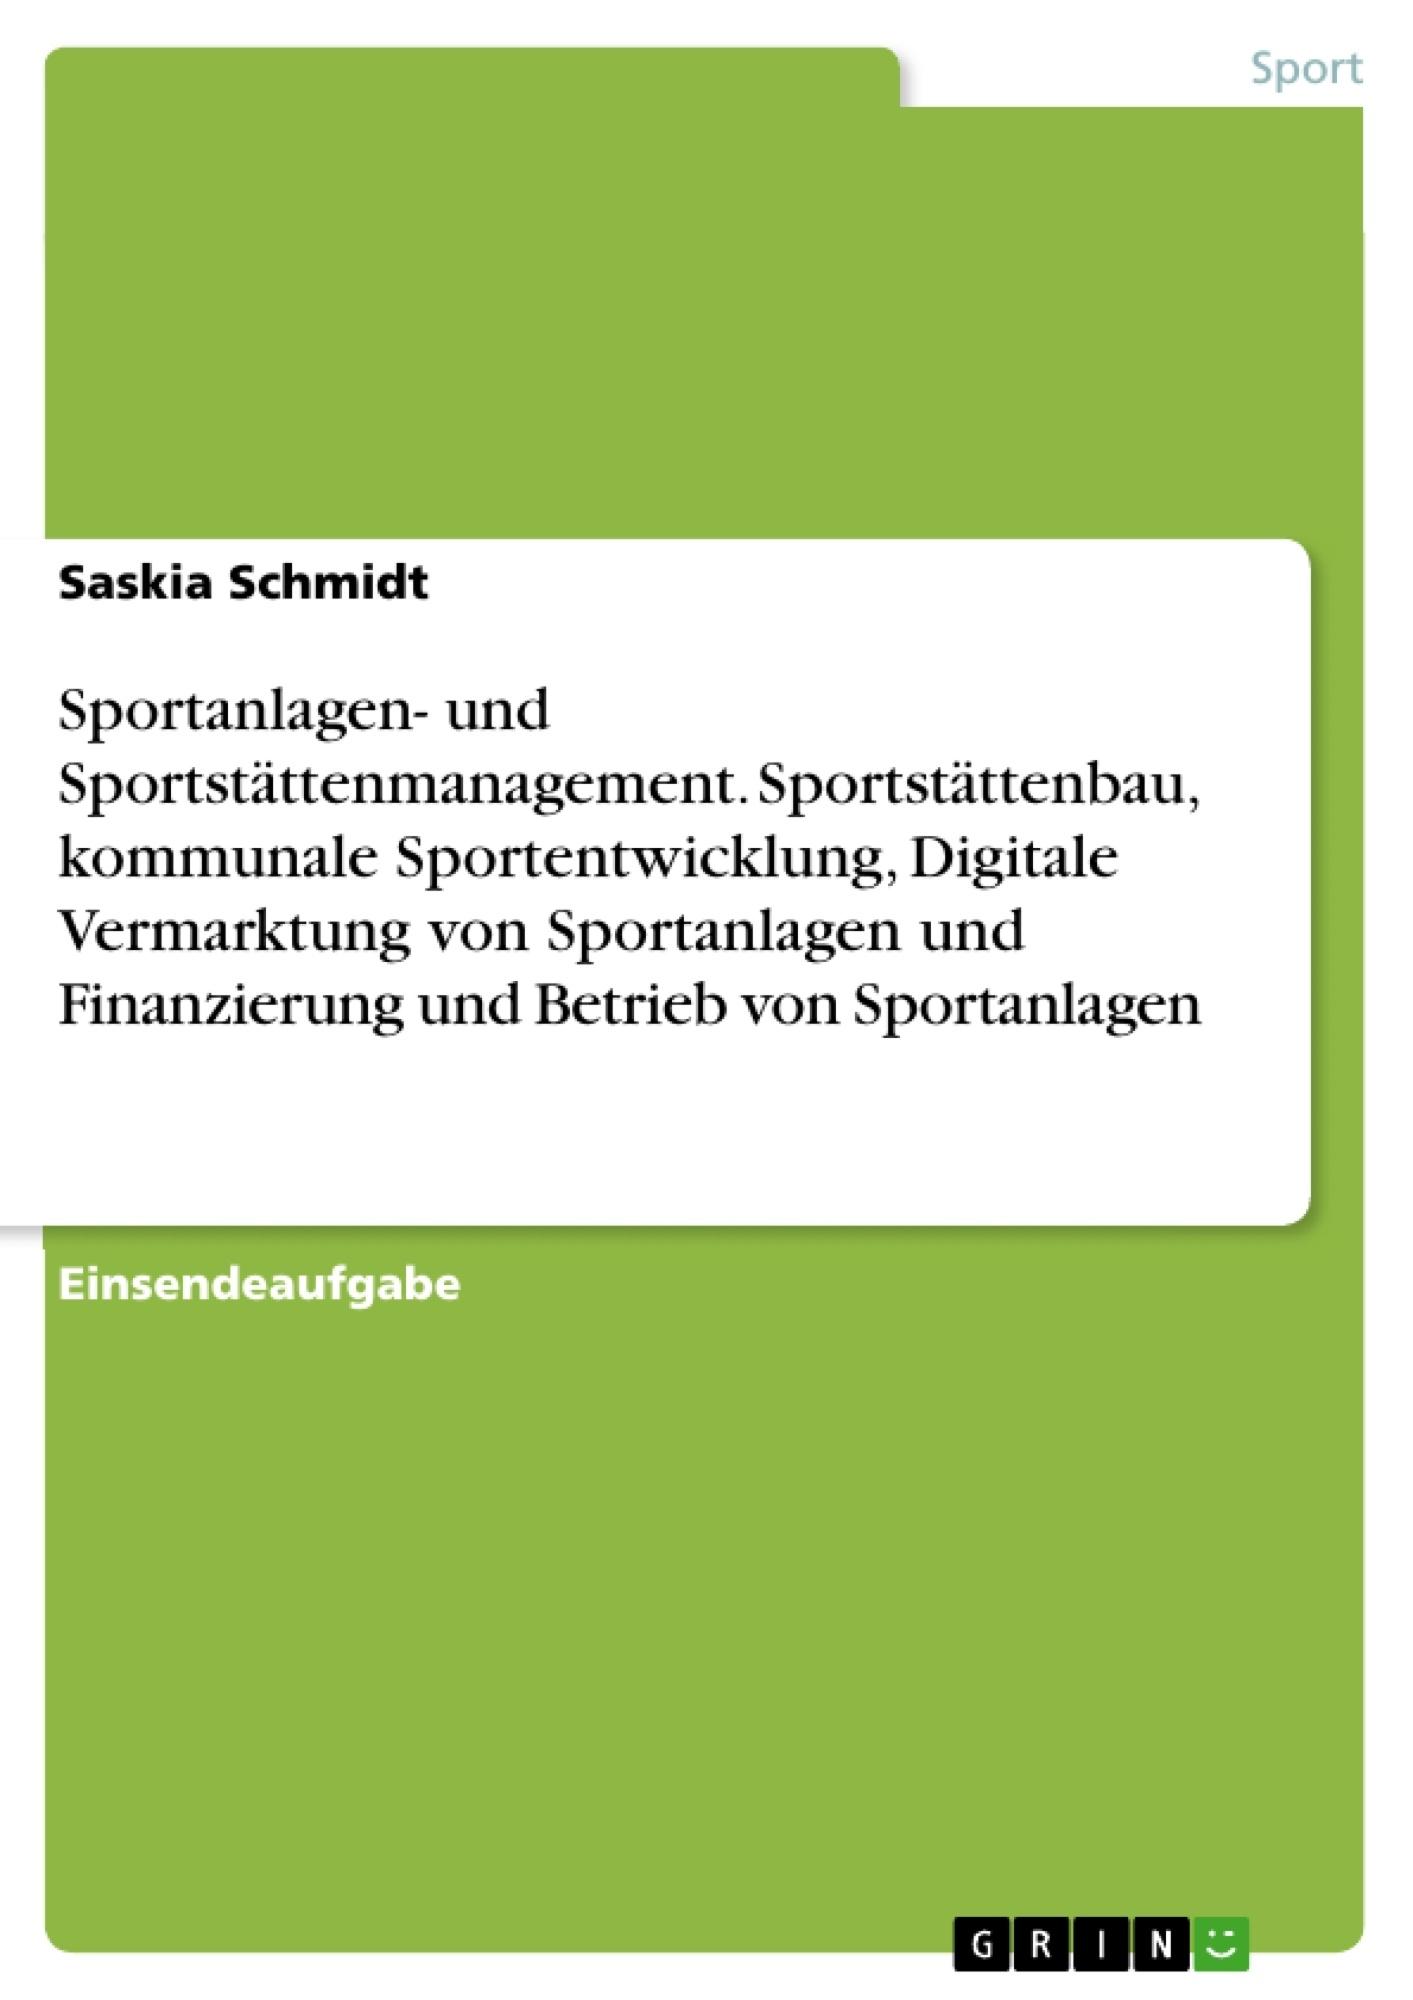 Titel: Sportanlagen- und Sportstättenmanagement. Sportstättenbau, kommunale Sportentwicklung, Digitale Vermarktung von Sportanlagen und Finanzierung und Betrieb von Sportanlagen